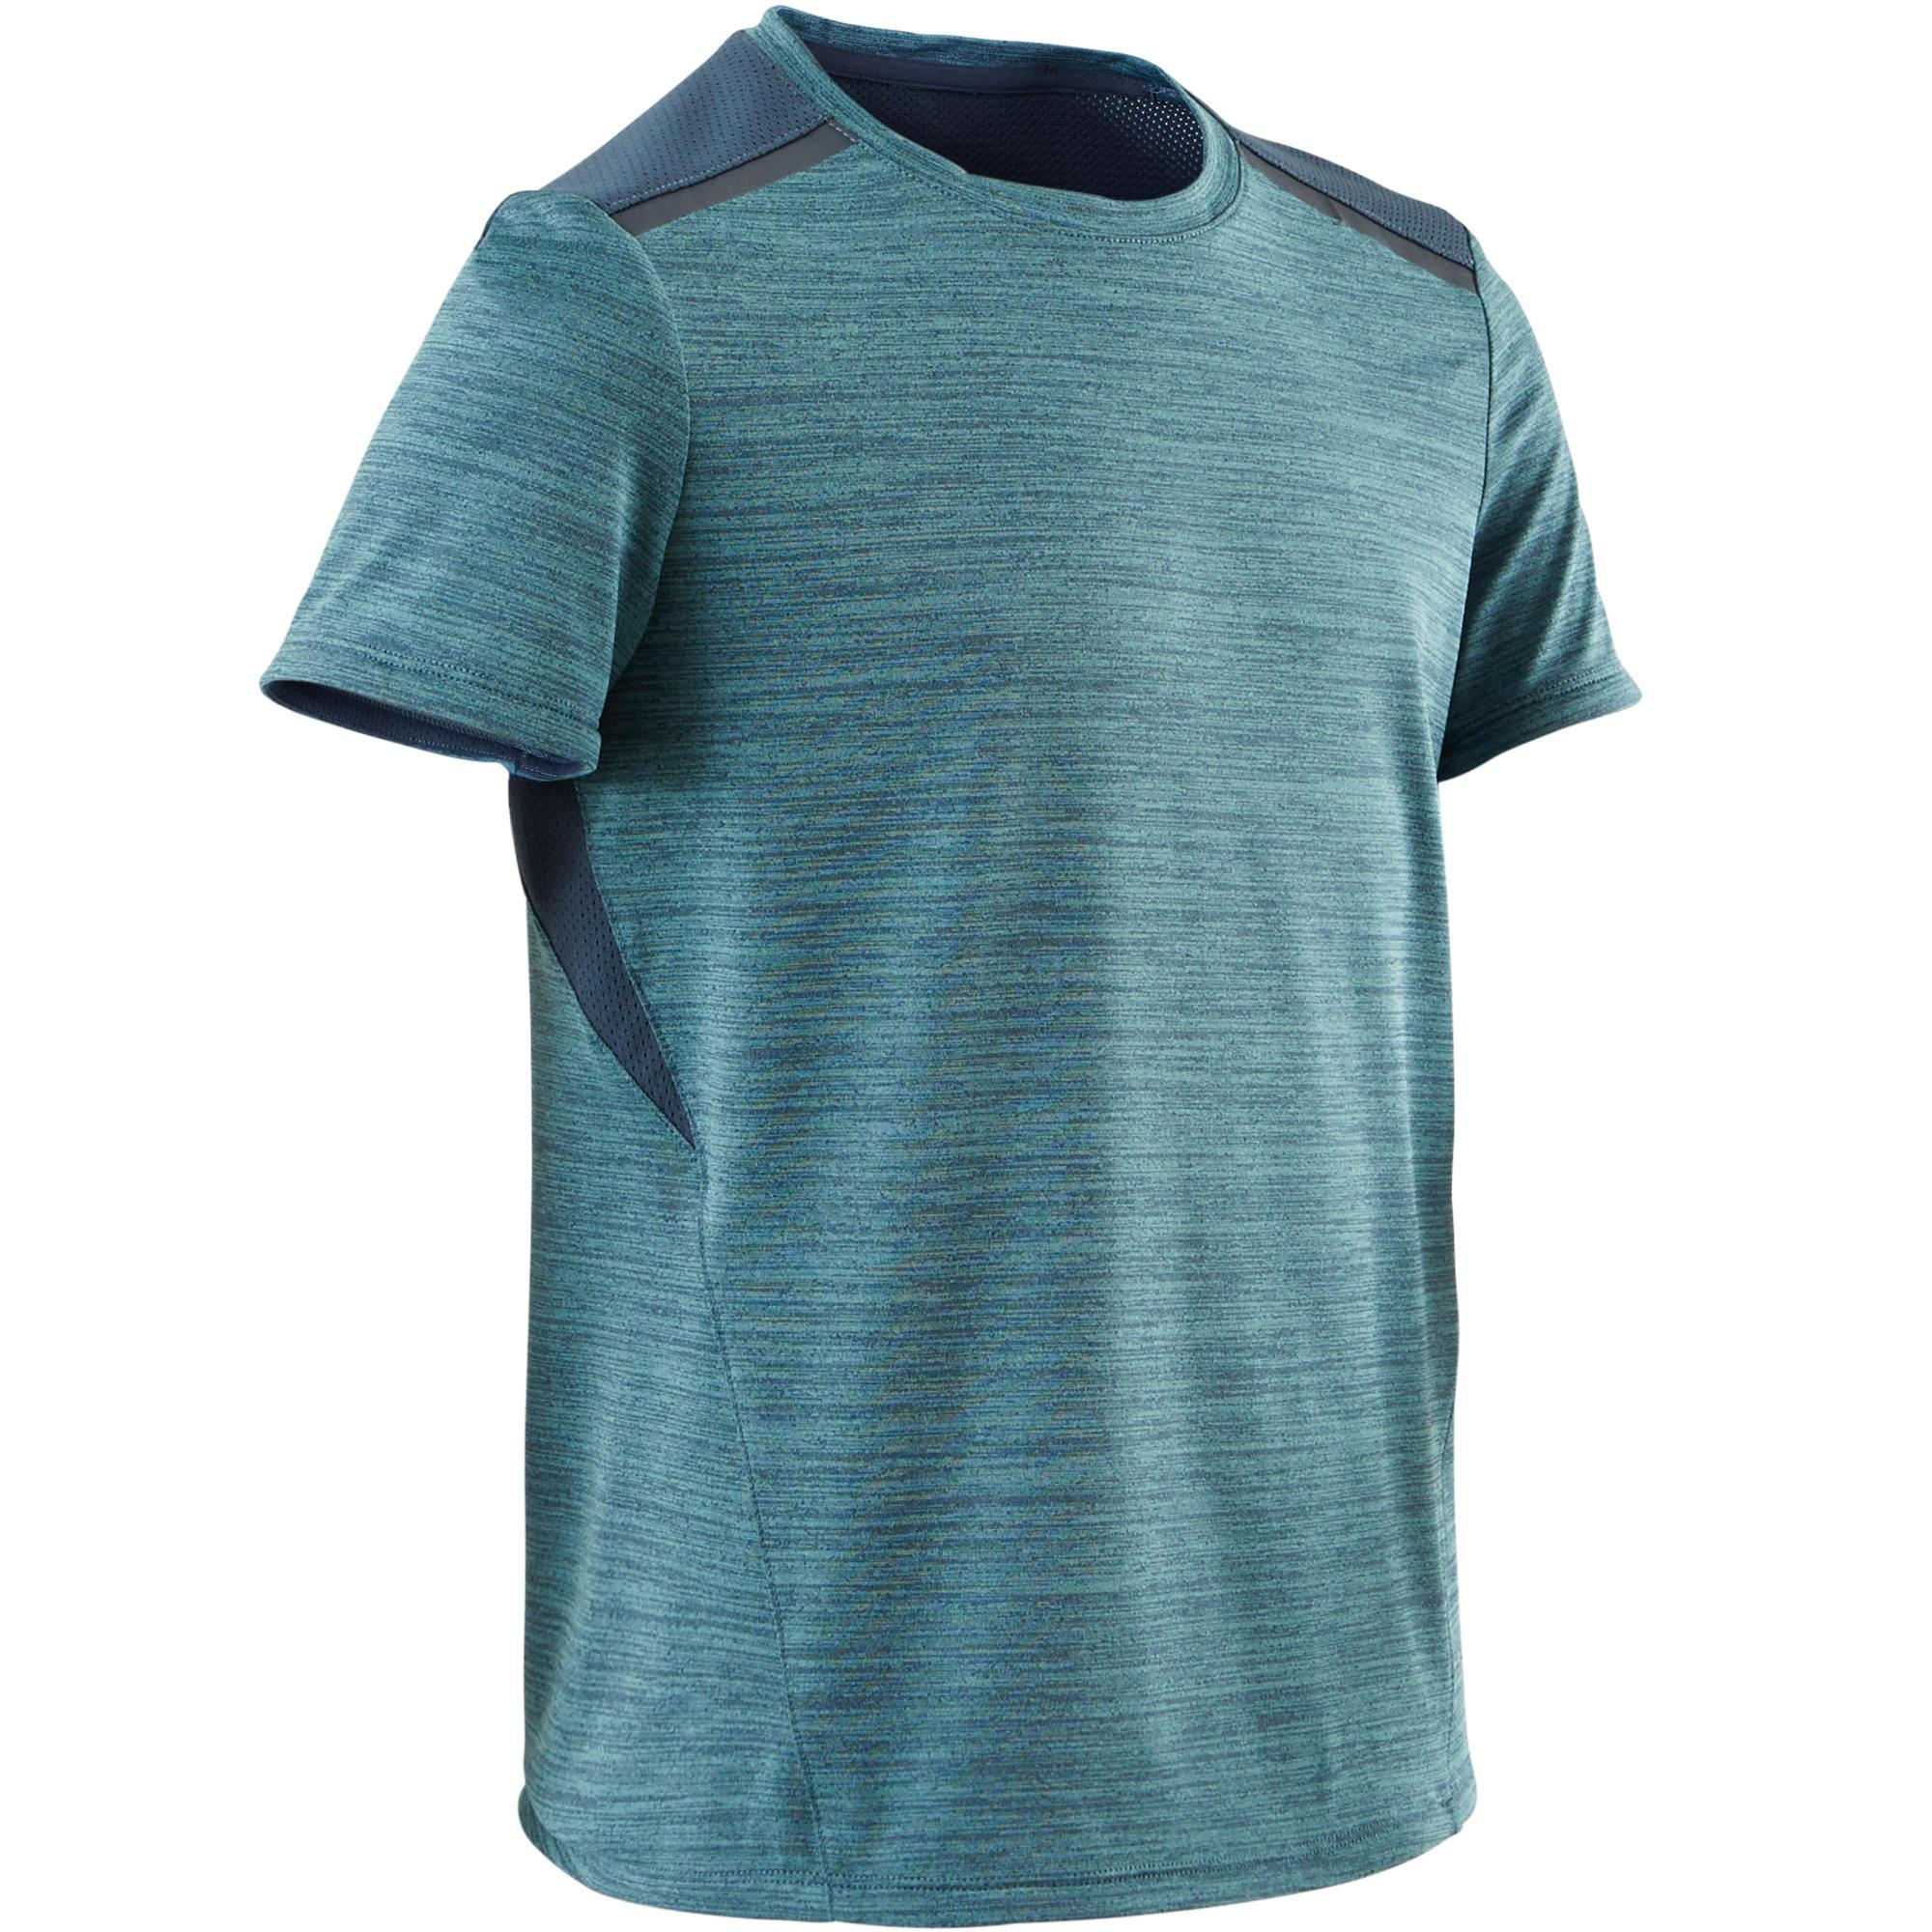 Domyos T-shirt korte mouwen synthetisch ademend S500 jongens GYM KINDEREN